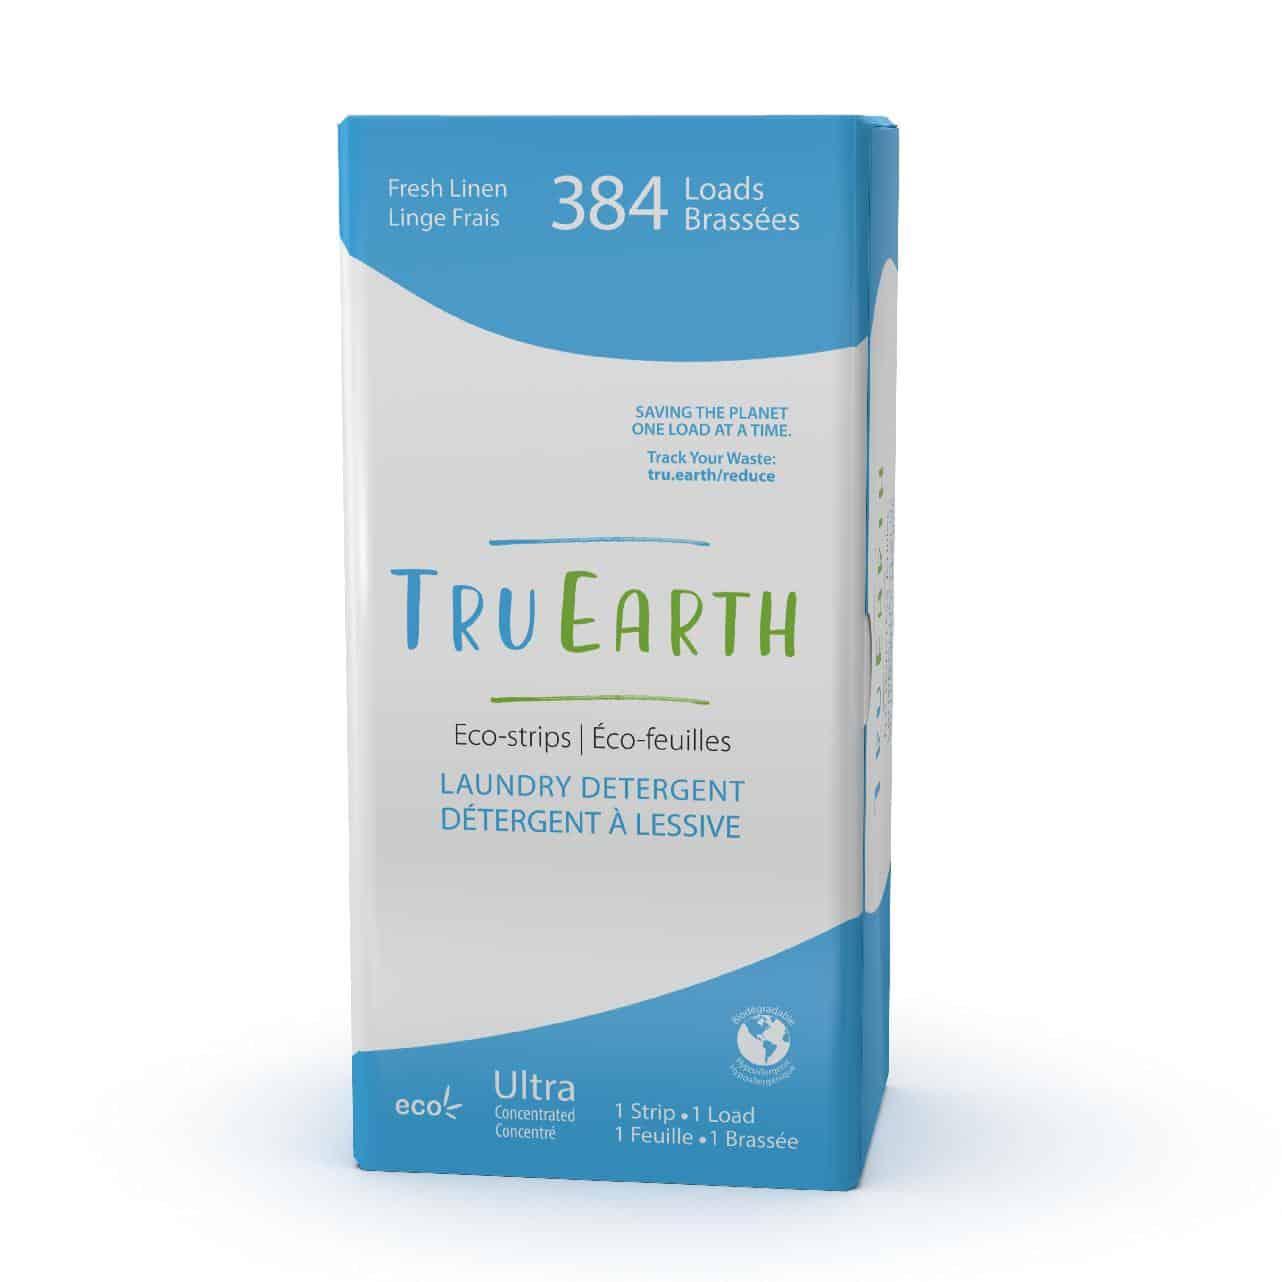 Tru Earth - Tru Earth Eco-strips Laundry Detergent (Fresh Linen) – 384 Loads | NOW: $149.00